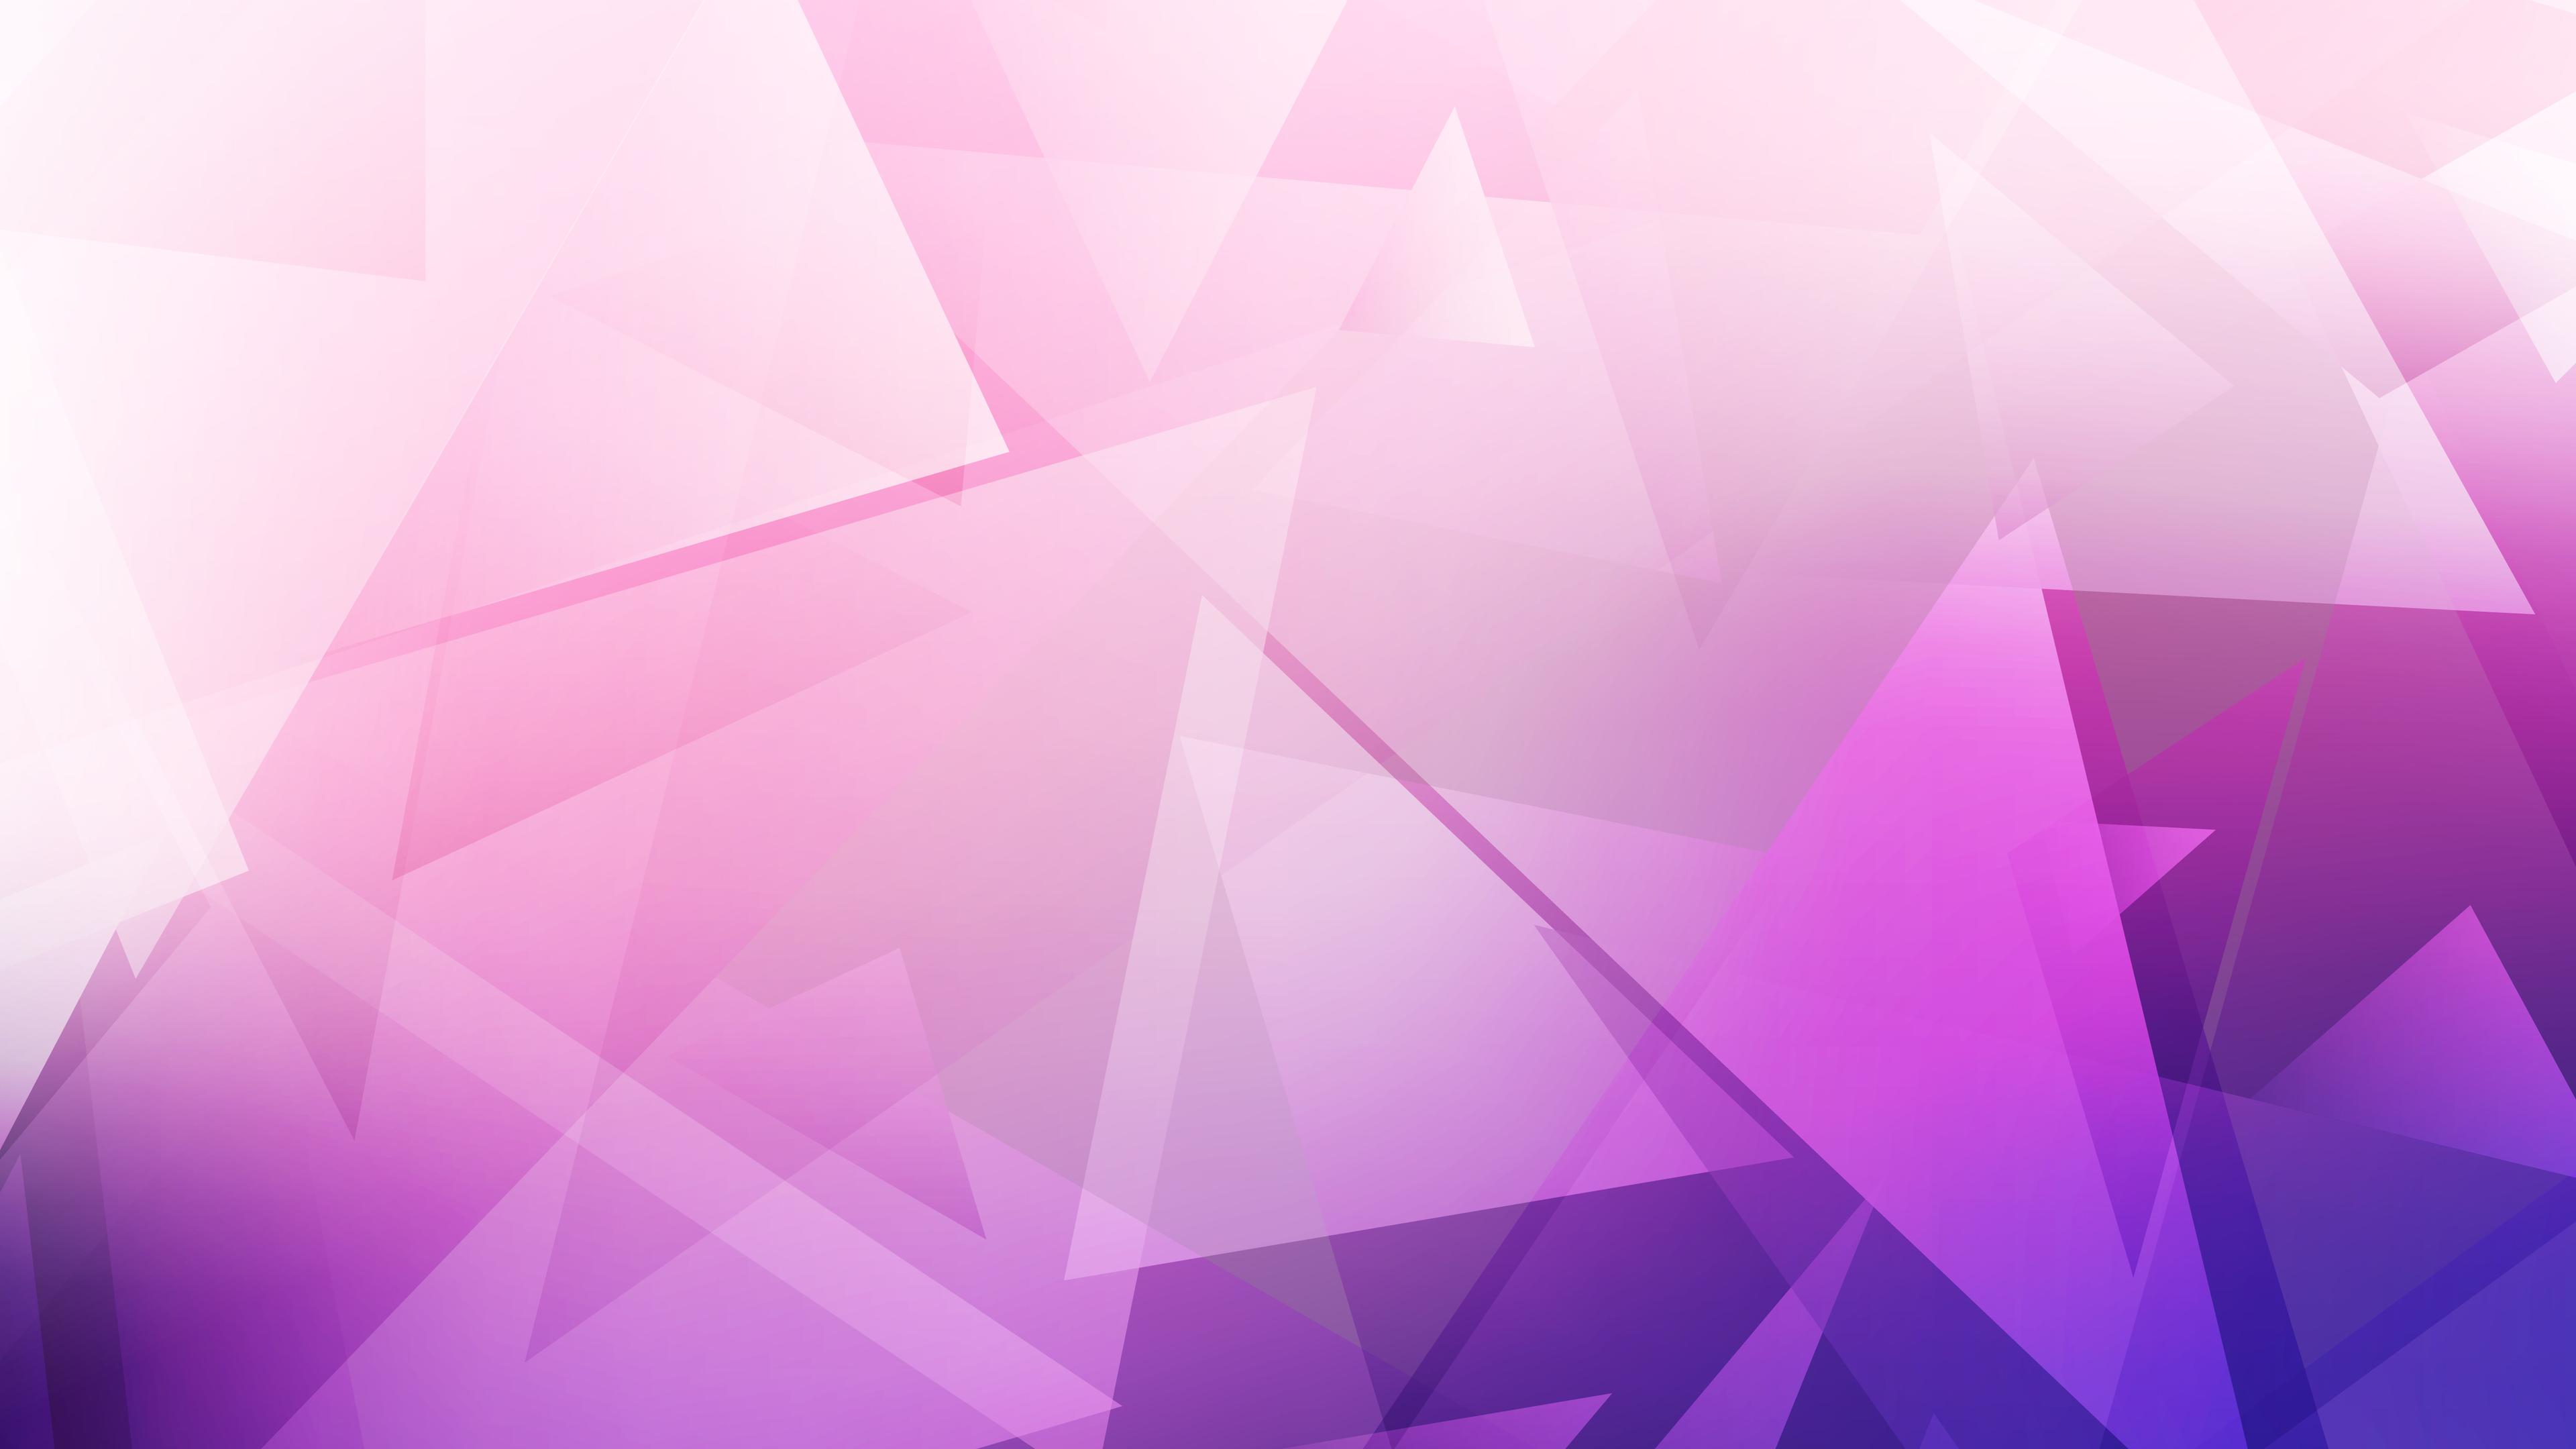 vectors abstract 1539371480 - Vectors Abstract - vector wallpapers, hd-wallpapers, abstract wallpapers, 5k wallpapers, 4k-wallpapers